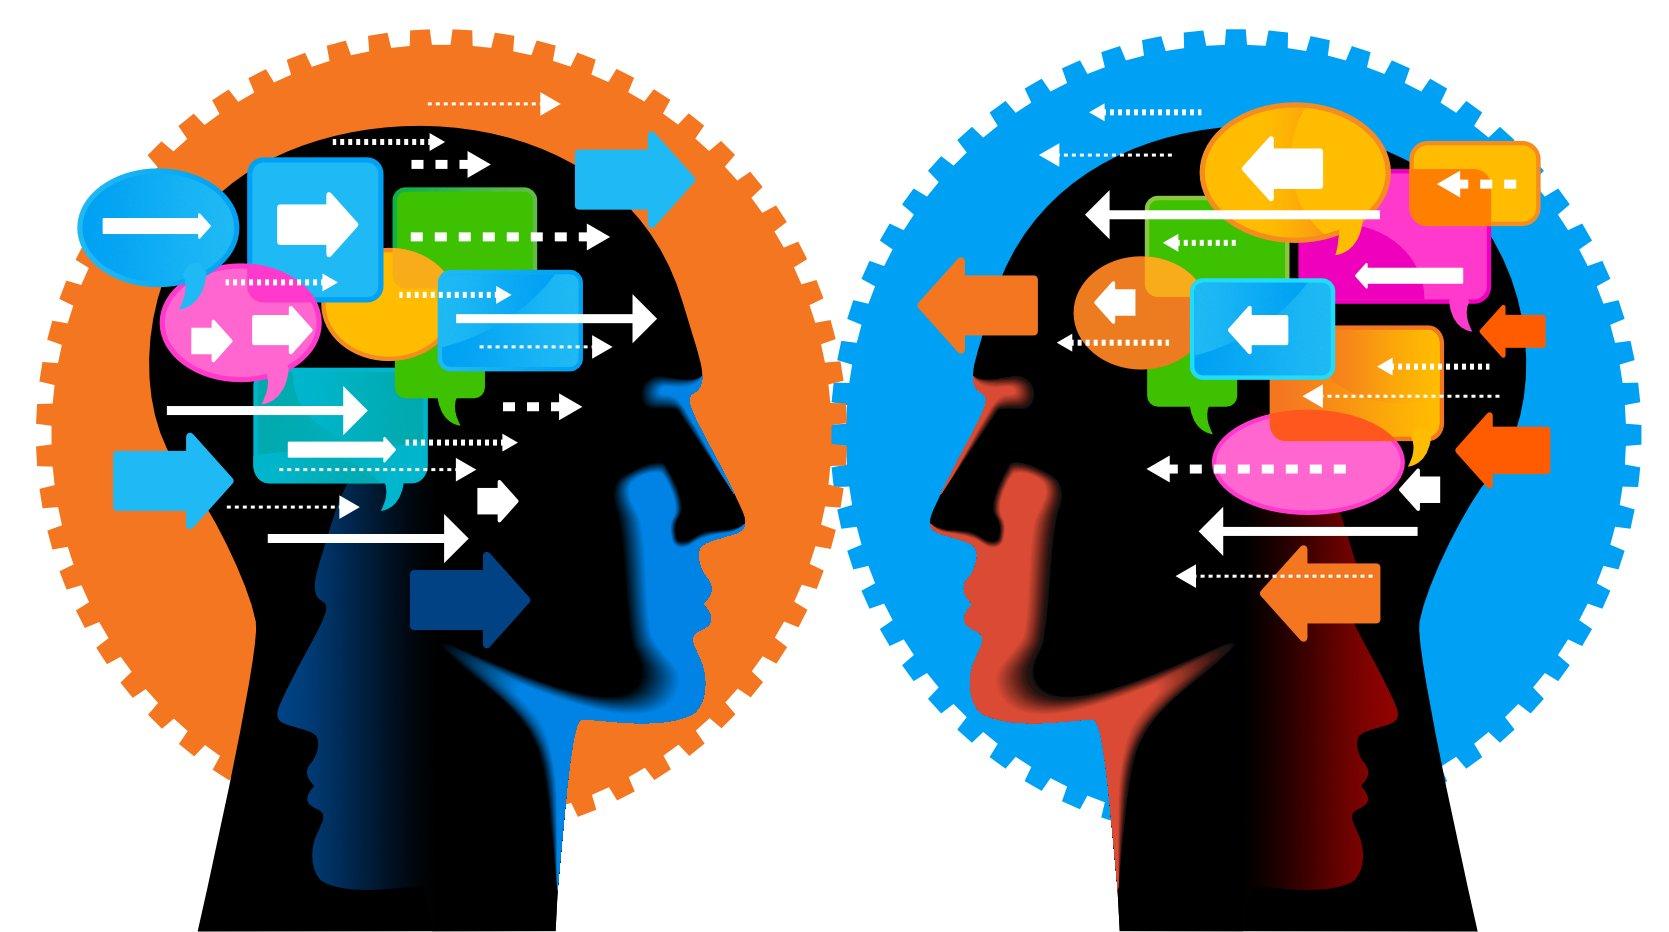 коммуникационная культура картинки торго-во